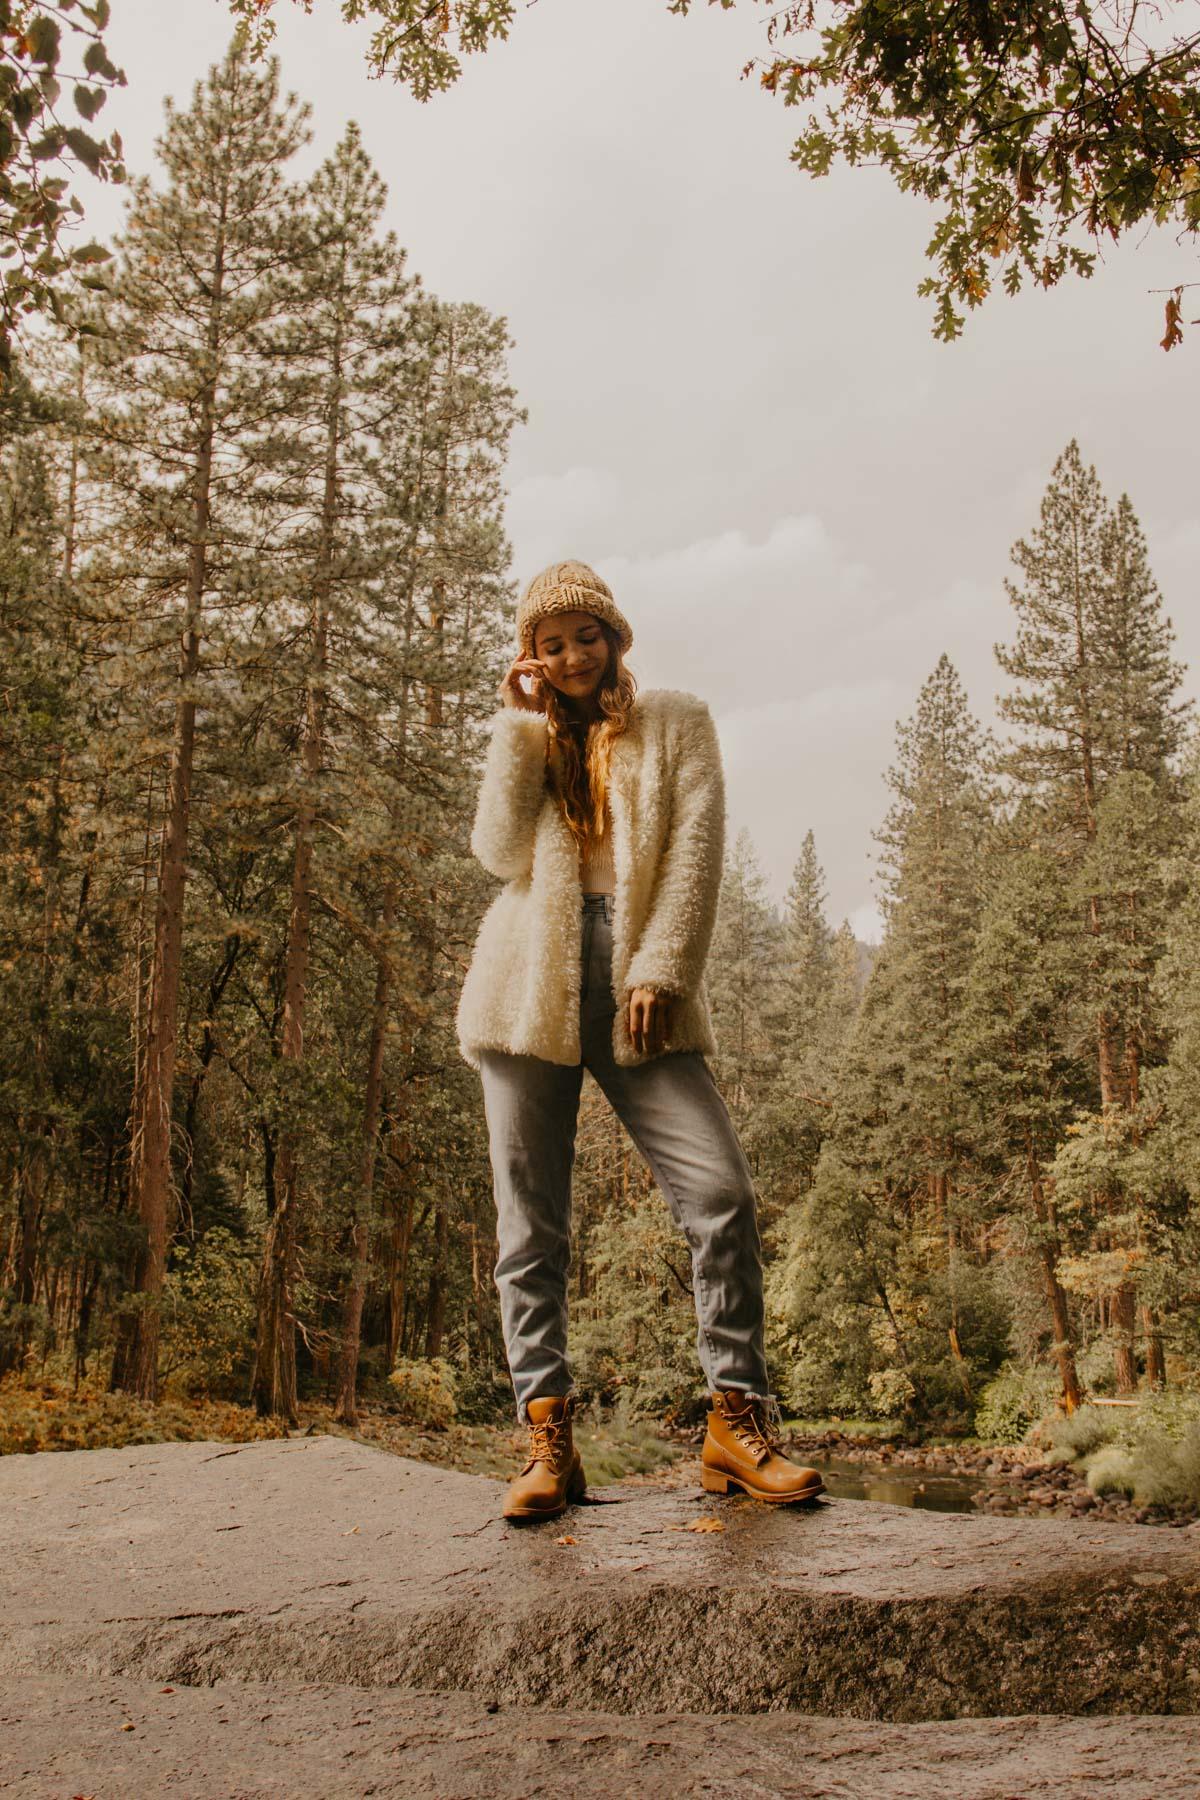 ACC-Yosemite-WebSize-1810098.jpg